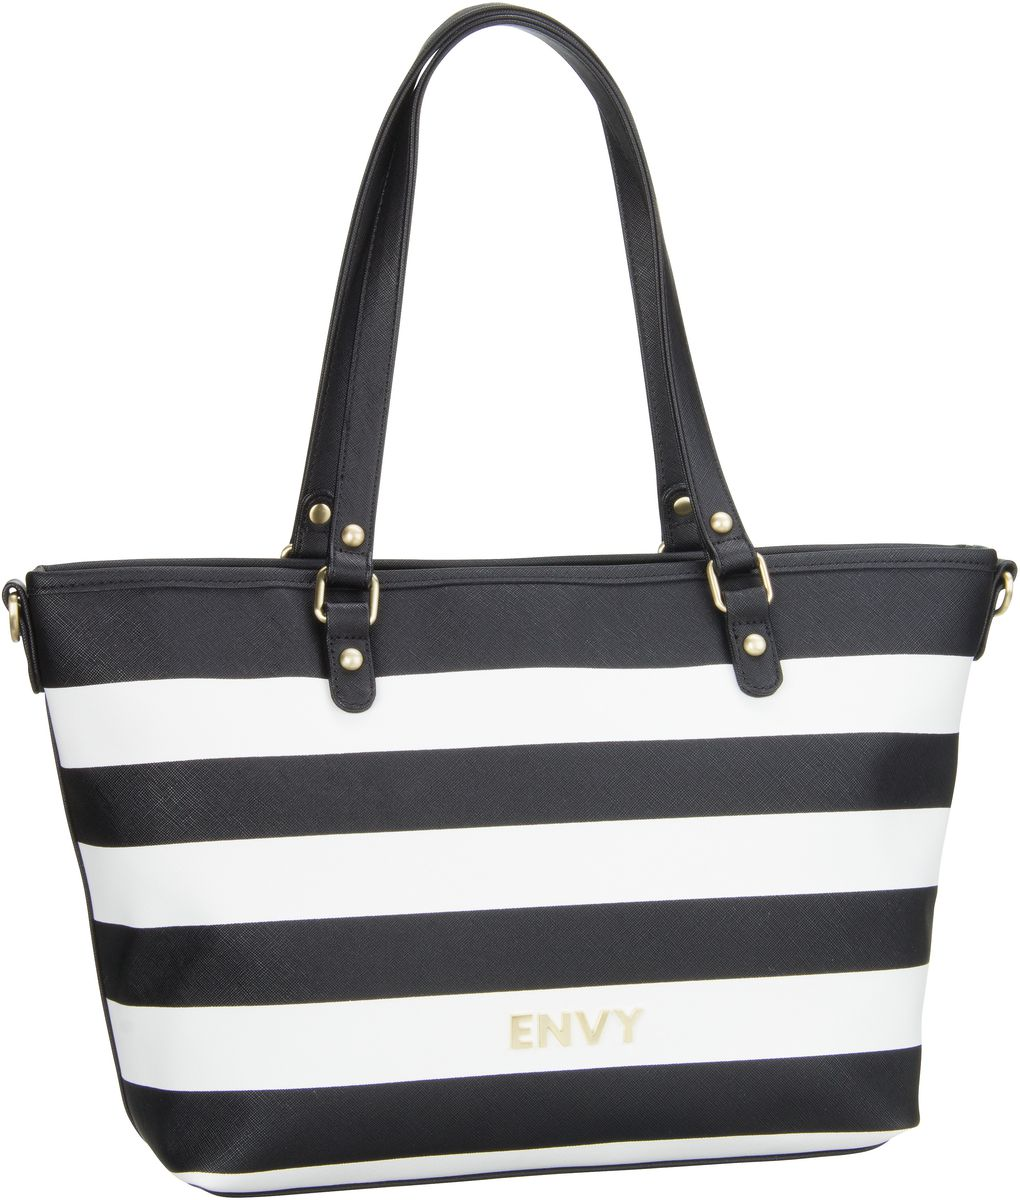 House of Envy Classy Shopper Black White - Hand...